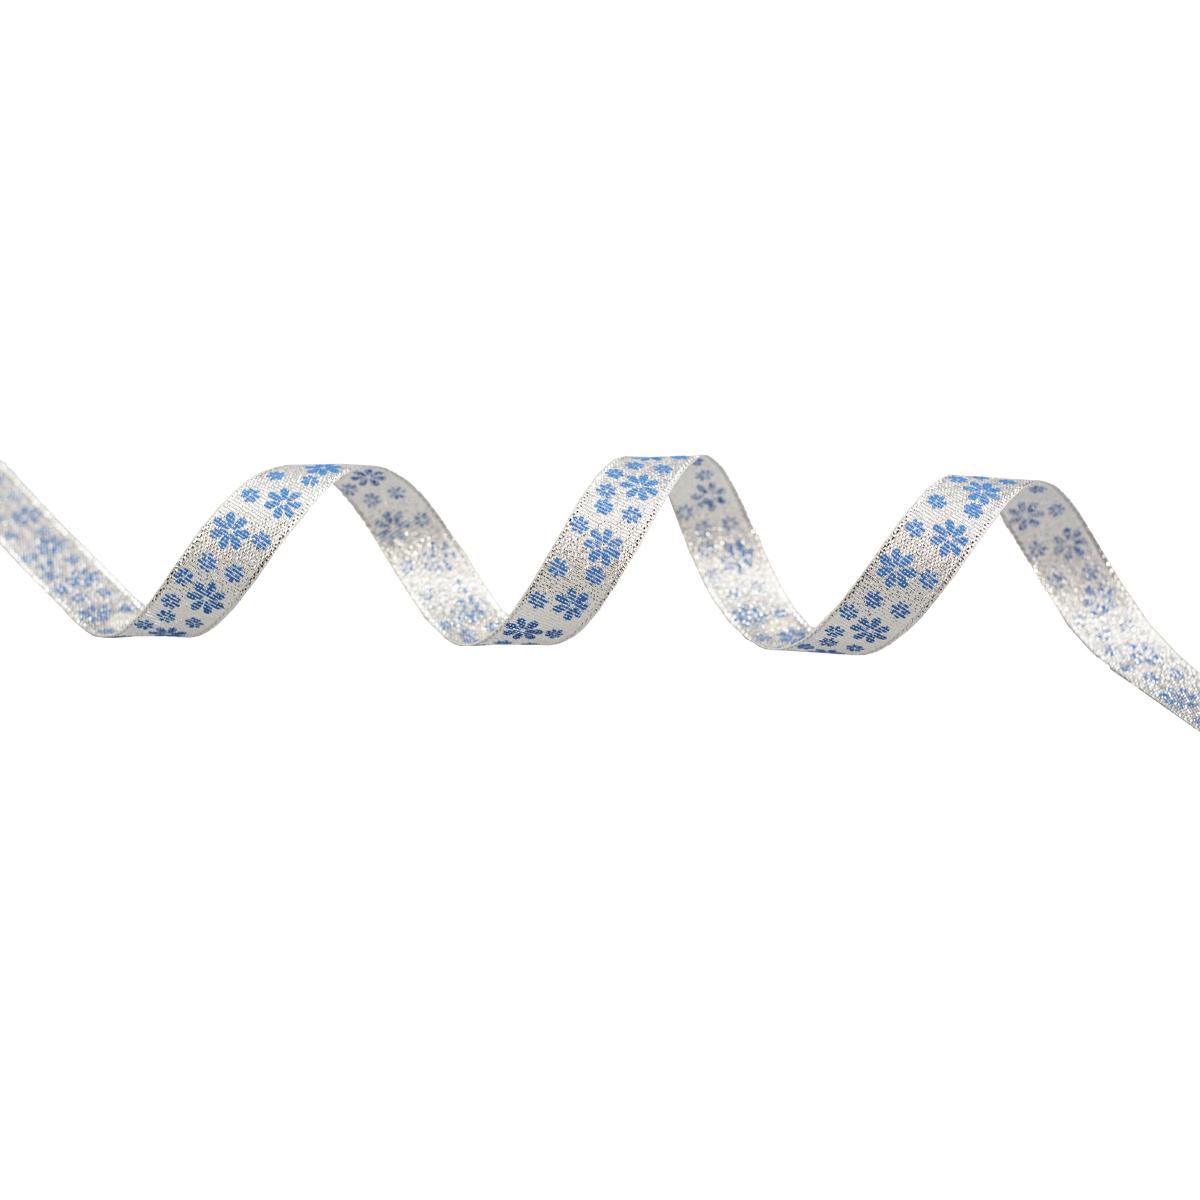 Декоративная лента 'Цветочки', DM-014, 15 мм*32,9м серебро/синий